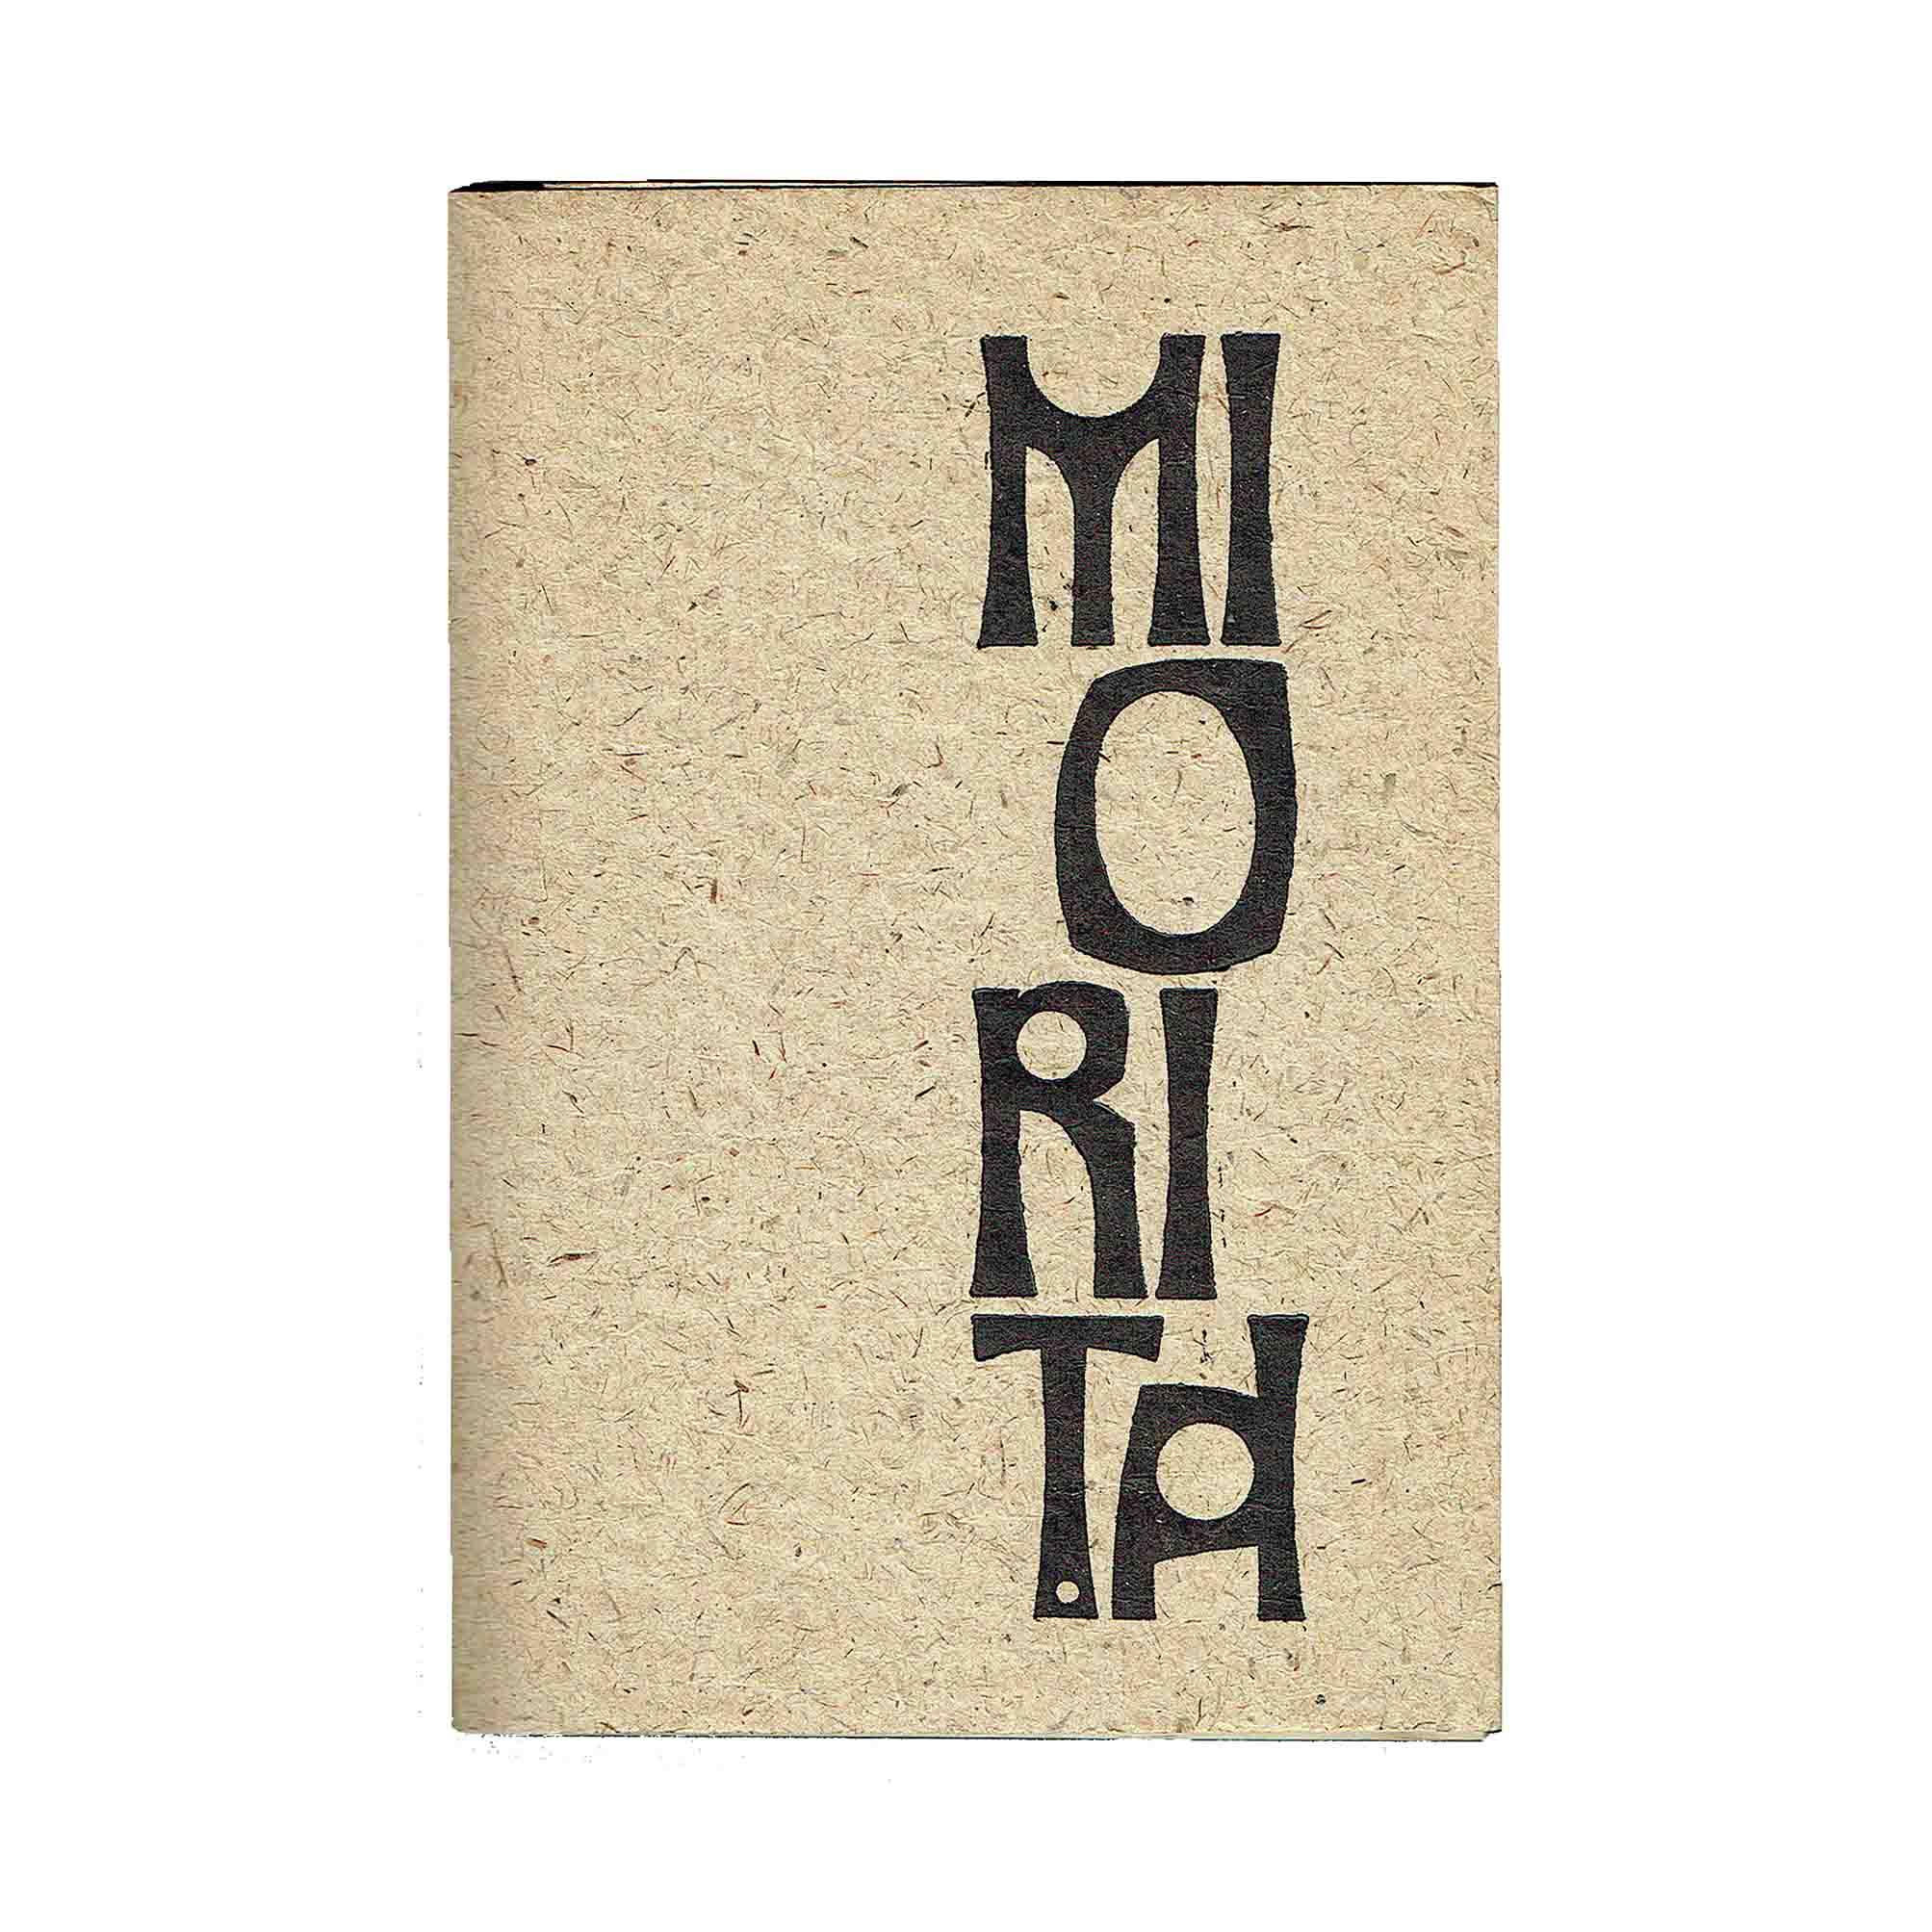 5613-Mioritza-Chendea-Romanian-1972-Cover-frei-N.jpg